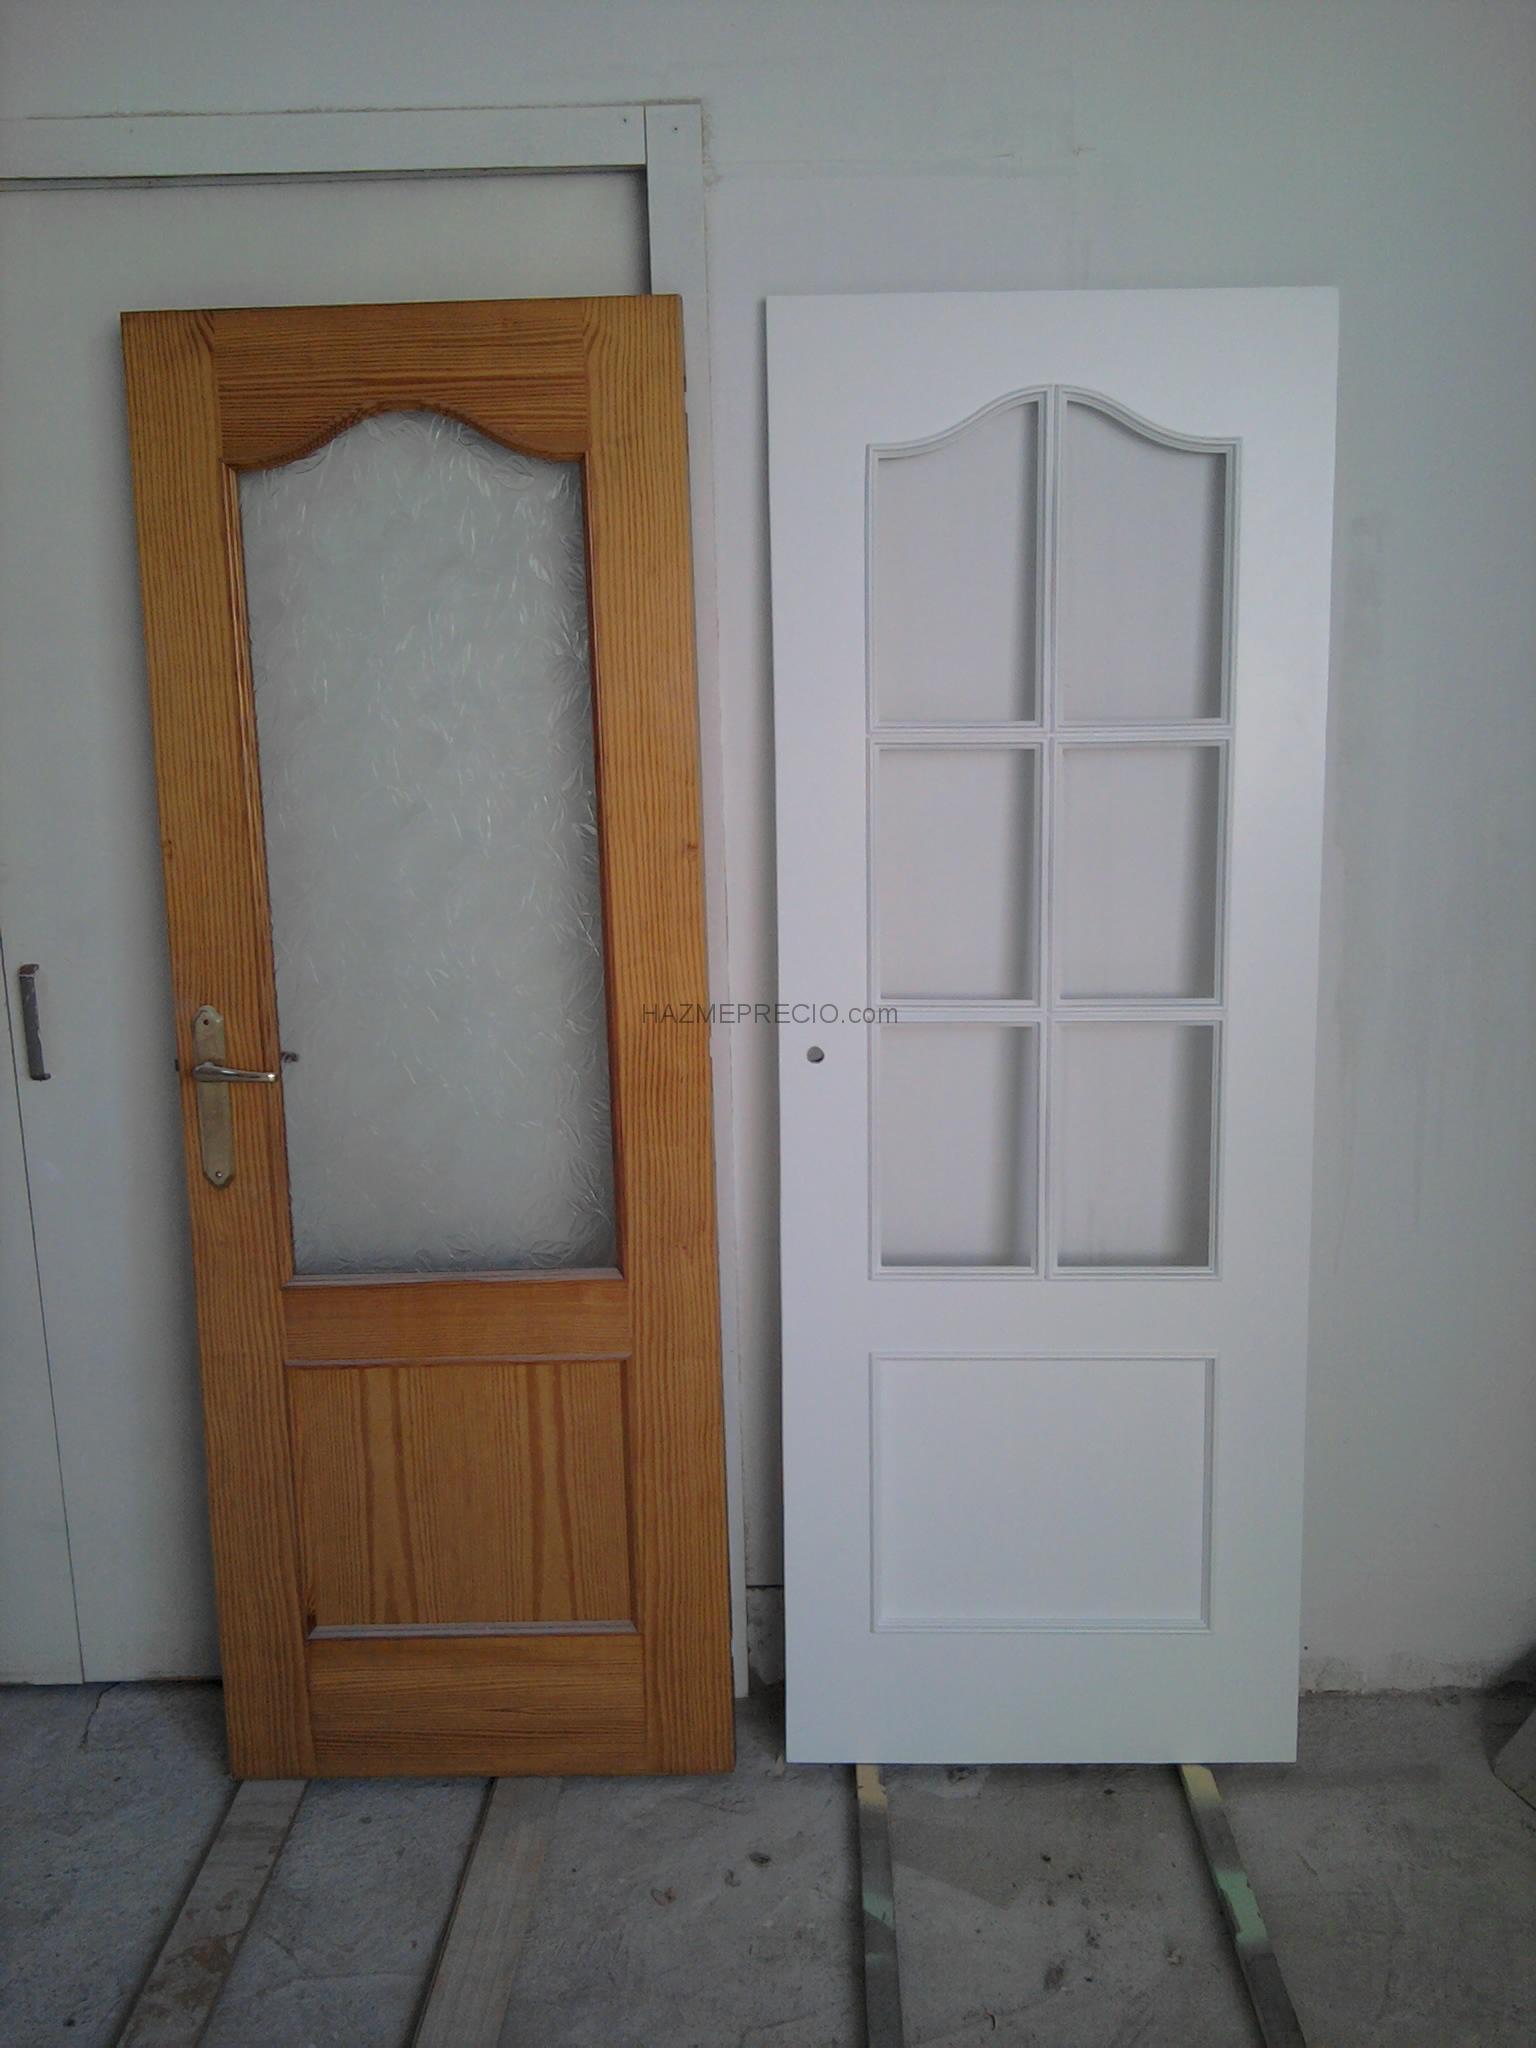 Puertas lacadas blancas precios beautiful tu hogar con - Puertas lacadas blancas precios ...